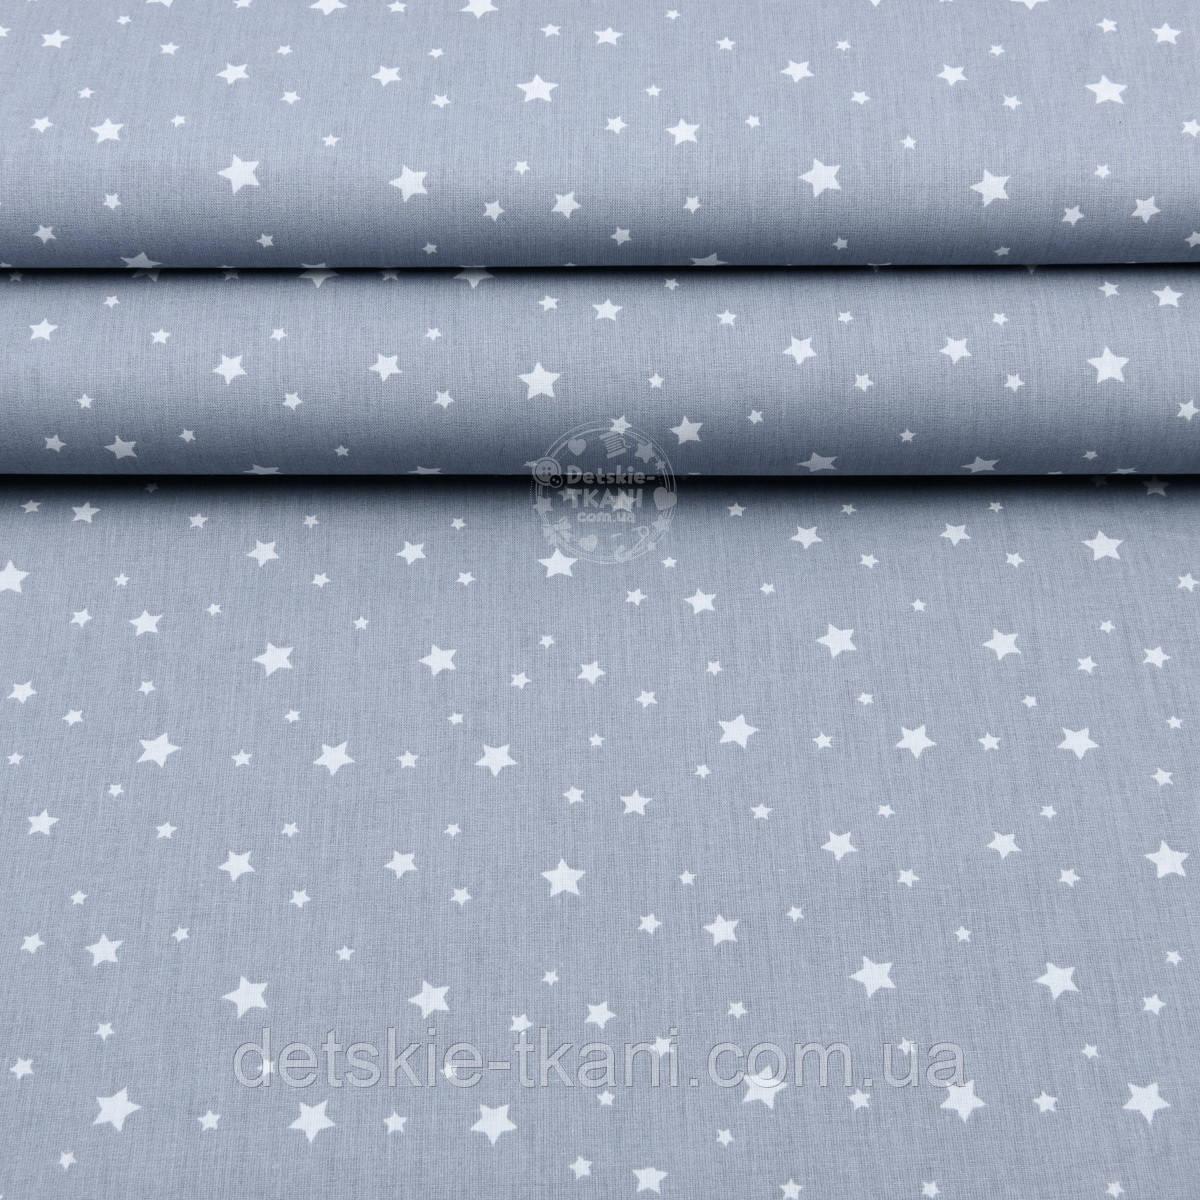 """Лоскут поплина с рисунком """"Созвездие"""" на светло-графитовом №1864, размер 38*120 см"""